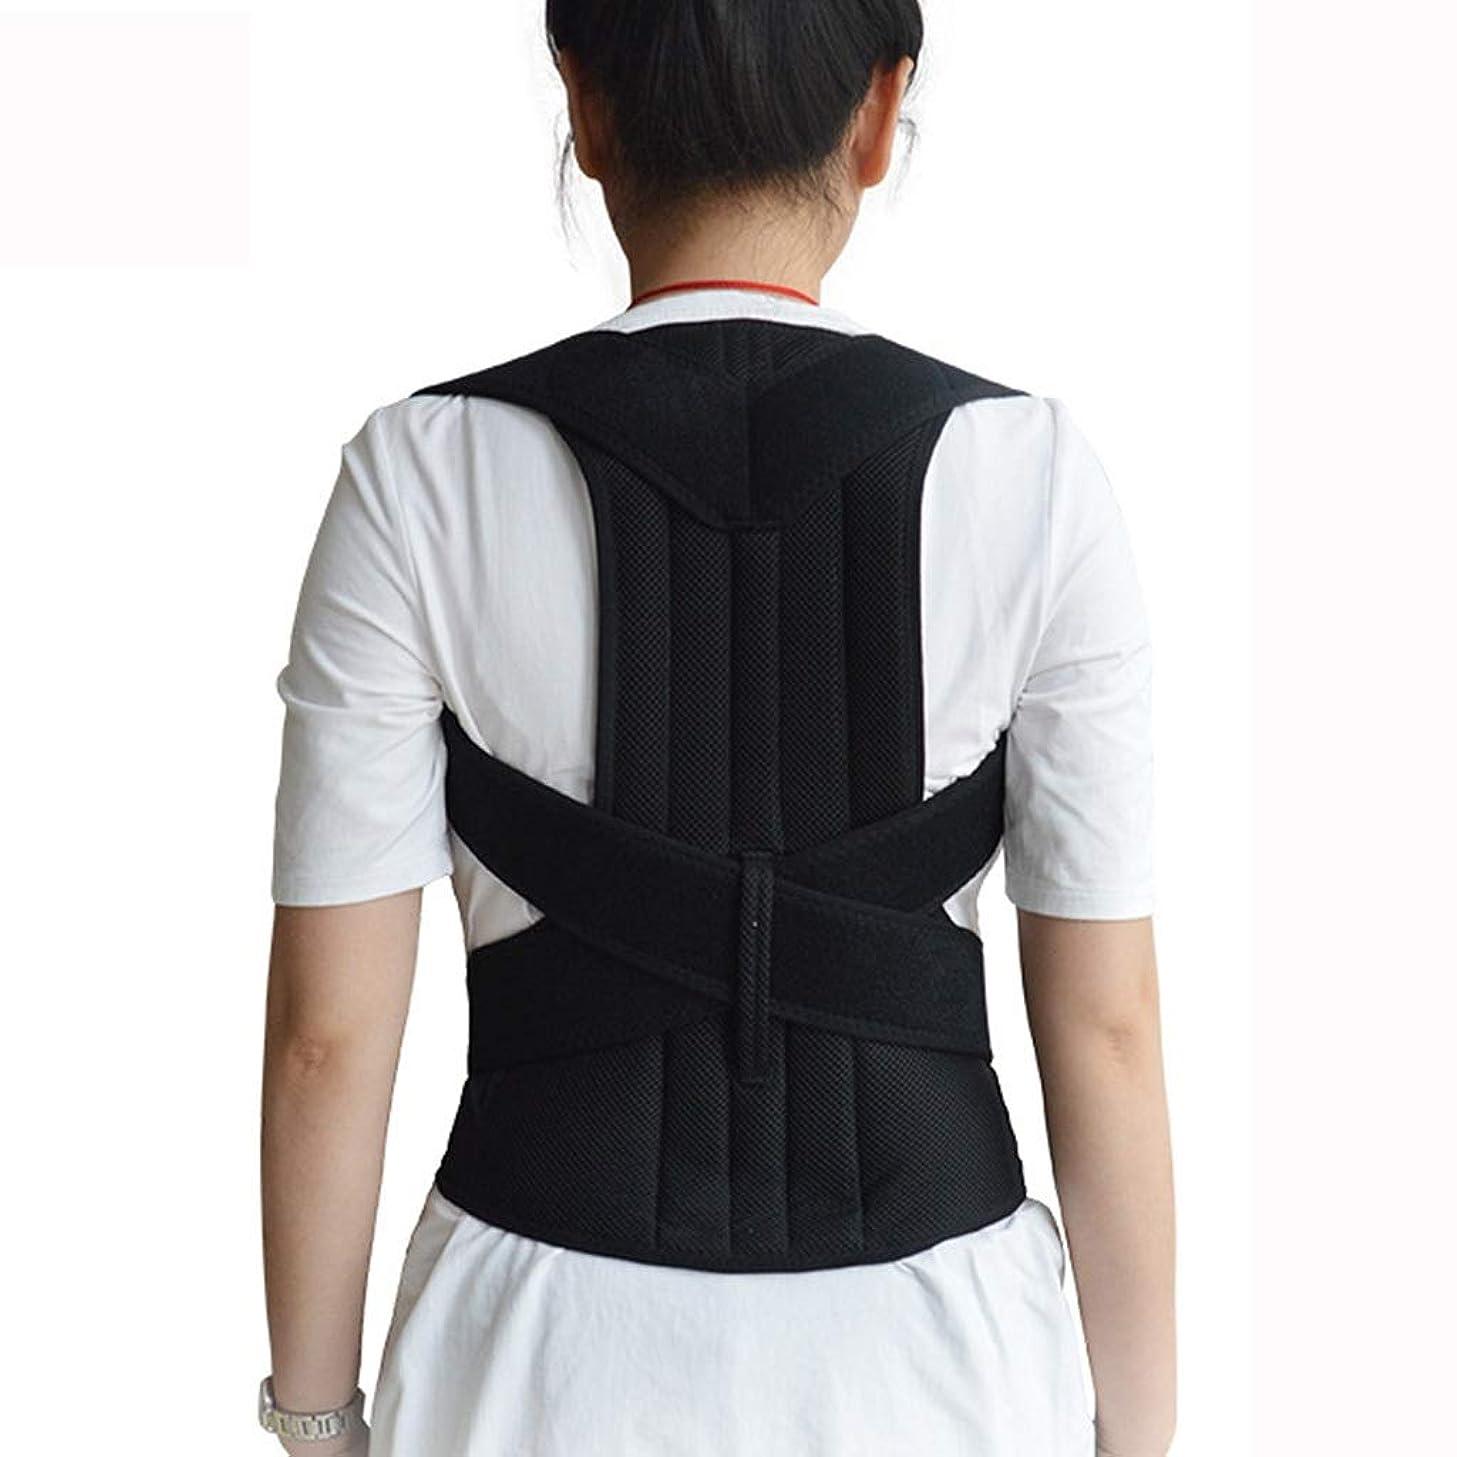 受粉者施設しつけ背もたれ支持姿勢装具ユニセックスアンチハンプバック補正ブラケット